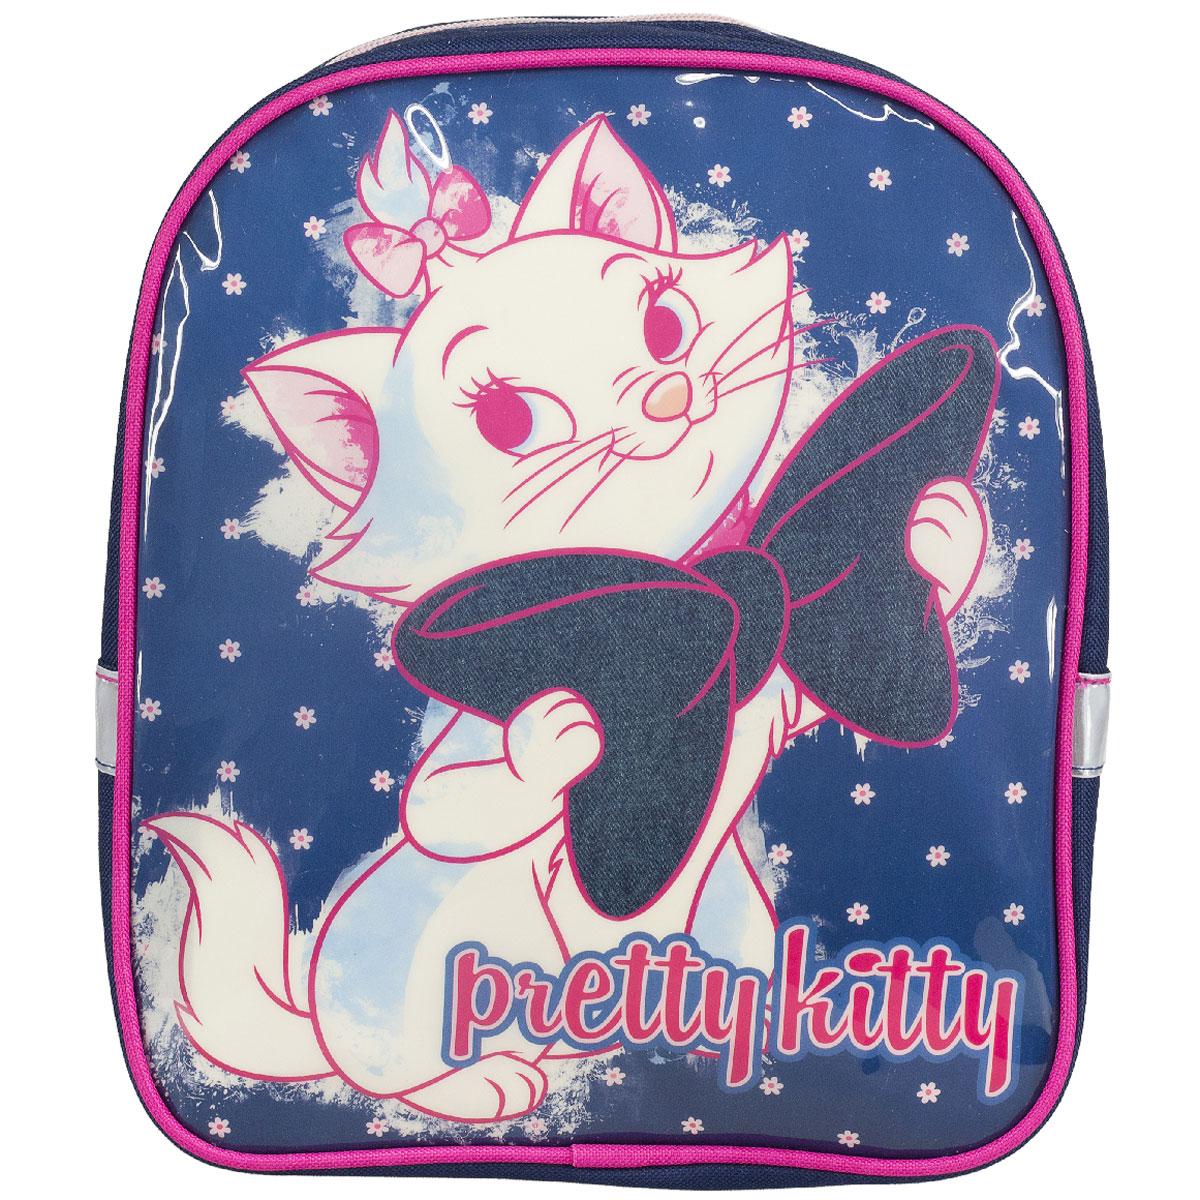 Рюкзак детский Marie Cat, цвет: темно-синий, розовый. MCCB-UT1-511MCCB-UT1-511Детский рюкзак Marie Cat - это незаменимая вещь для прогулок и повседневных дел, в нем можно разместить самые важные вещи. Пусть у вашего ребенка тоже будет свой собственный рюкзак. Выполнен из прочных и безопасных материалов. Передняя панель украшена ярким изображением милой кошечки с бантиком. У модели одно вместительное отделение на застежке-молнии. Широкие лямки можно свободно регулировать по длине в зависимости от роста ребенка. Рюкзак оснащен текстильной ручкой для переноски в руке. Светоотражающие элементы обеспечивают безопасность в темное время суток Рекомендуемый возраст: от 7 лет.